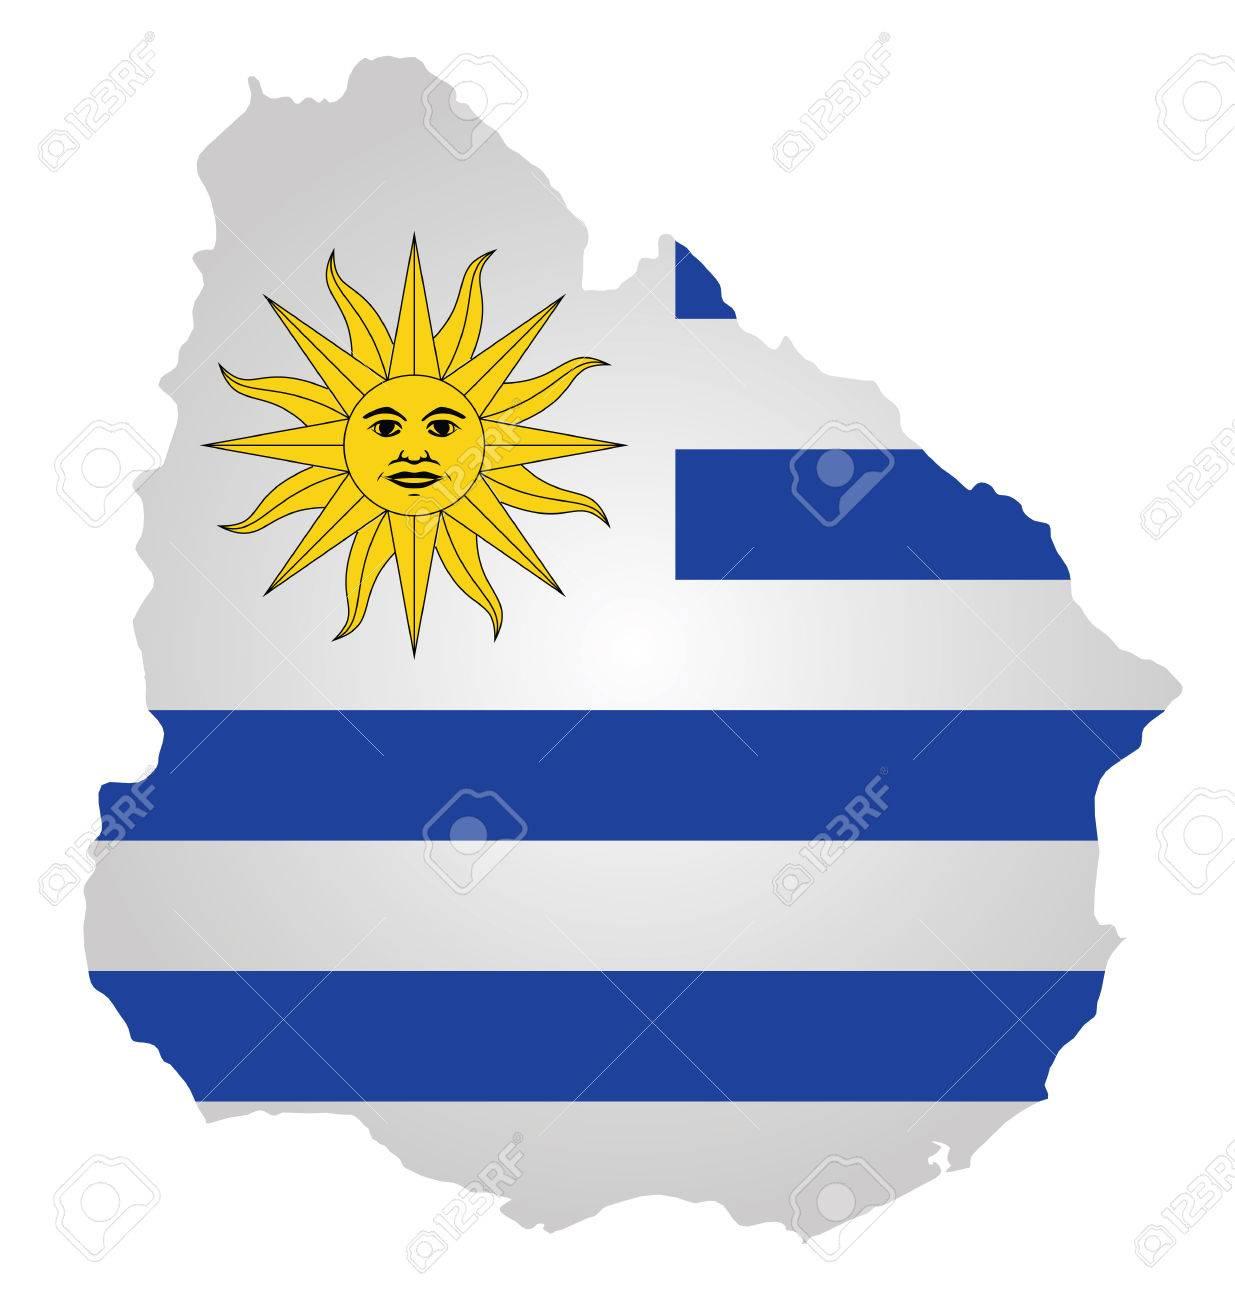 resultado de la imagen de bandera uruguaya mapa geografico